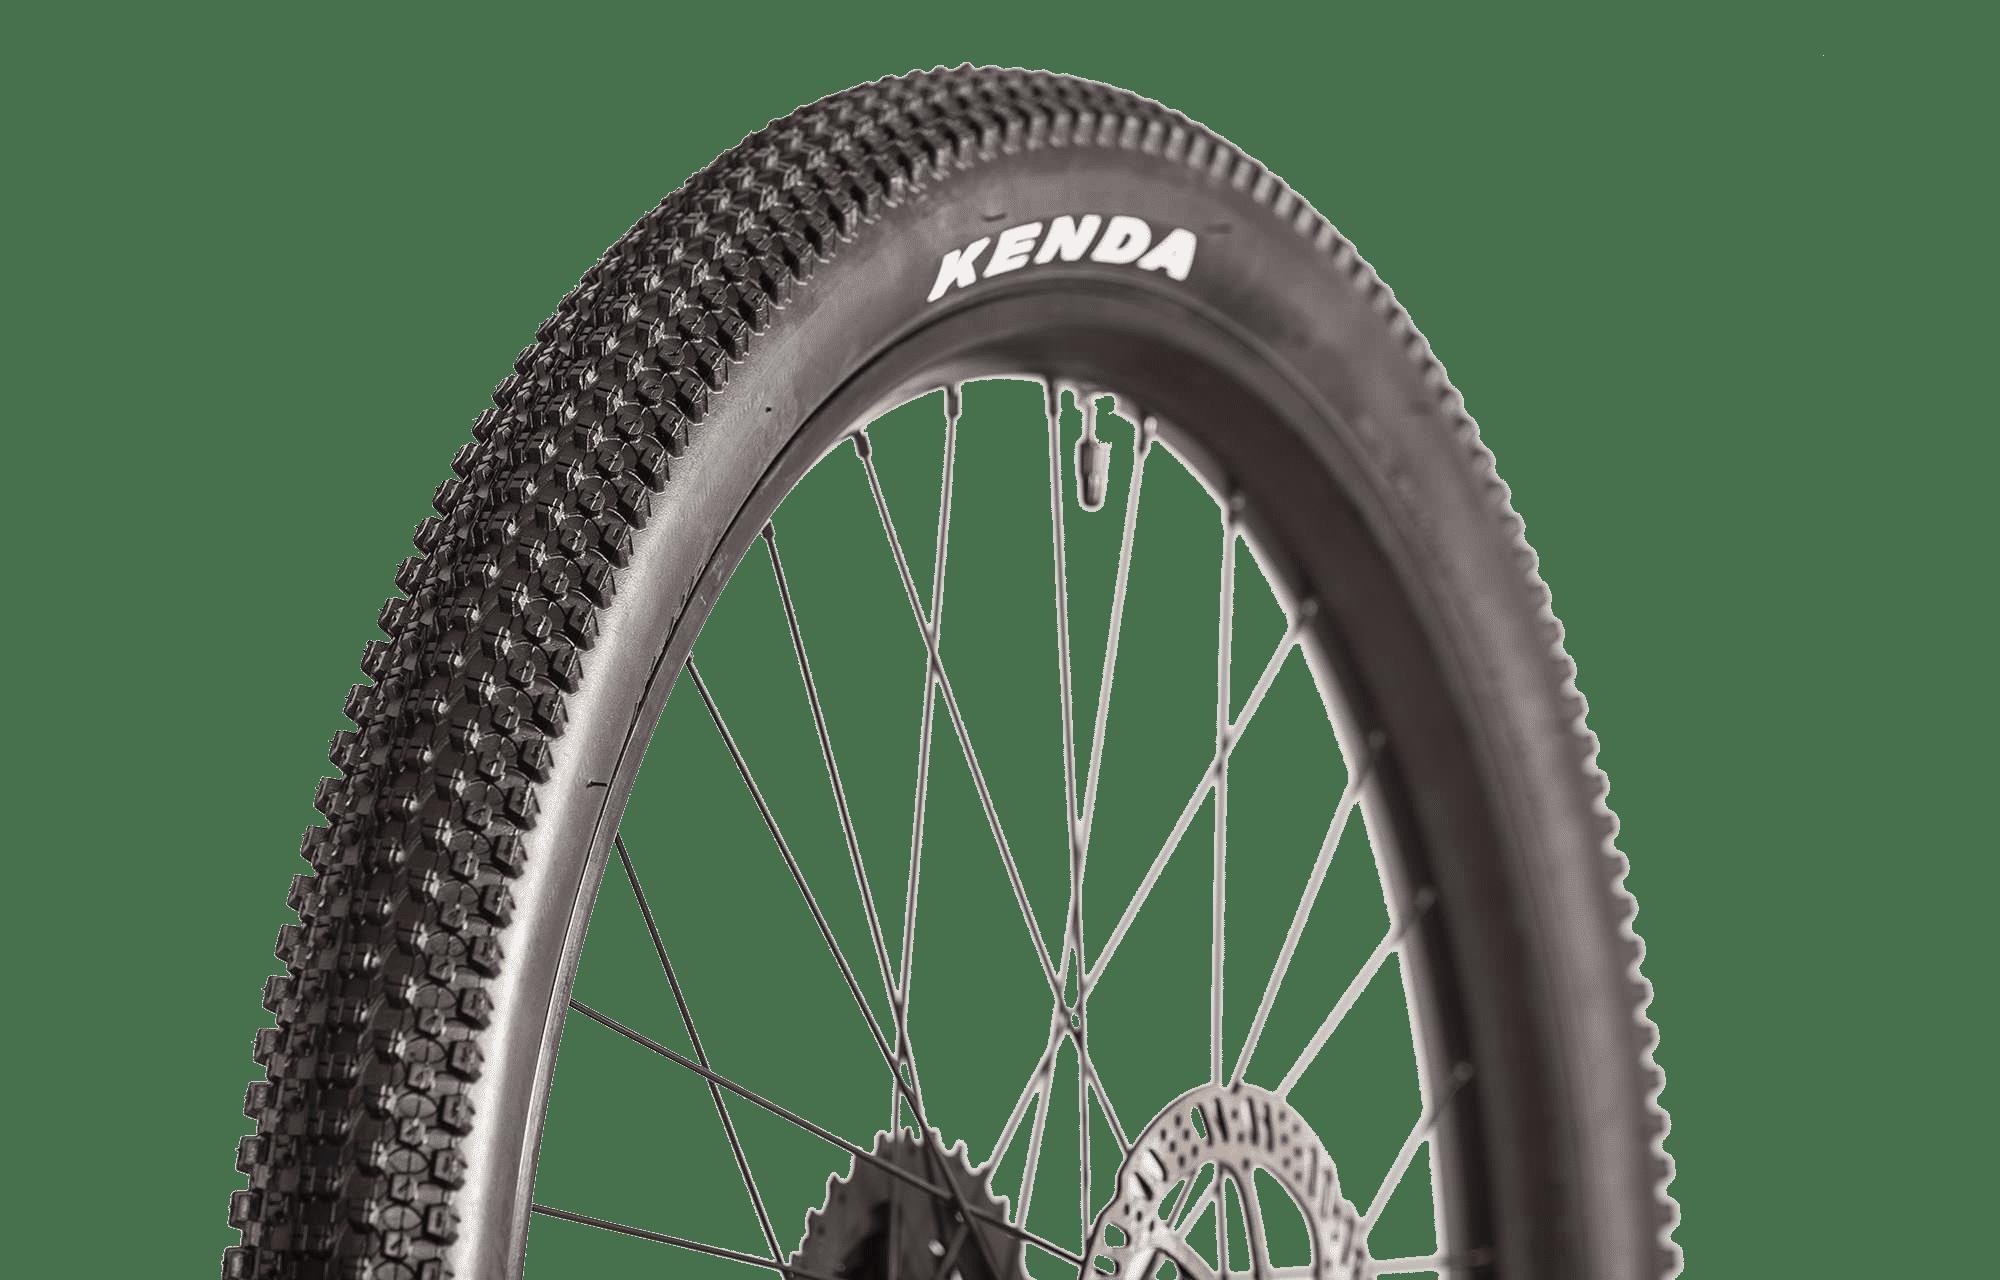 kenda-tires-zize